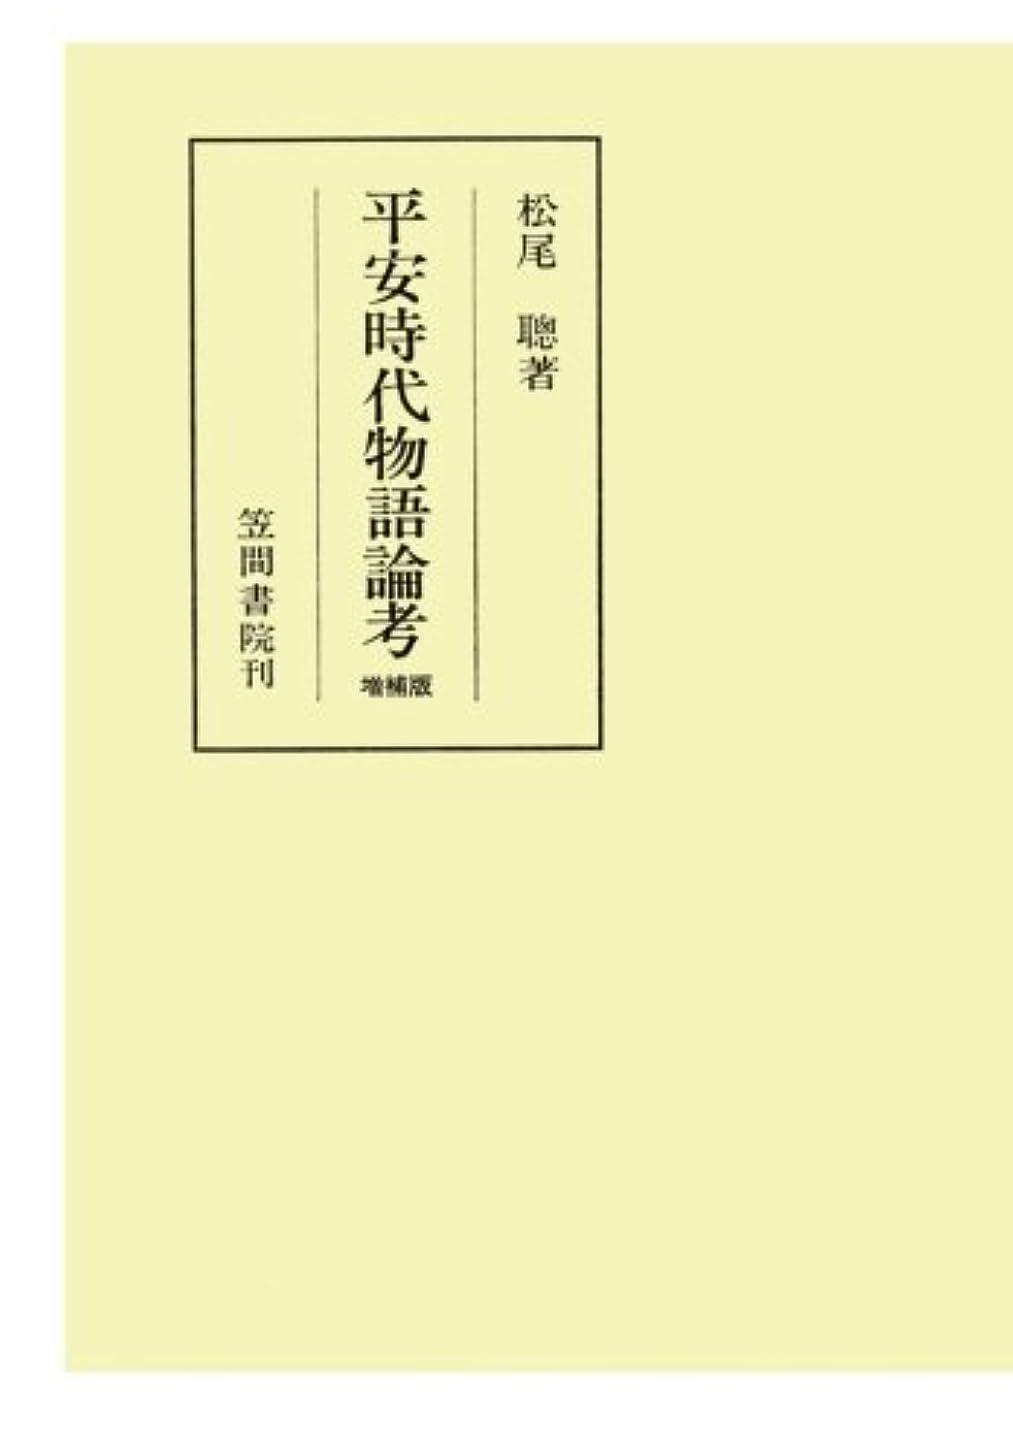 賞賛検索エンジンマーケティングナイトスポット平安時代物語論考 増補版